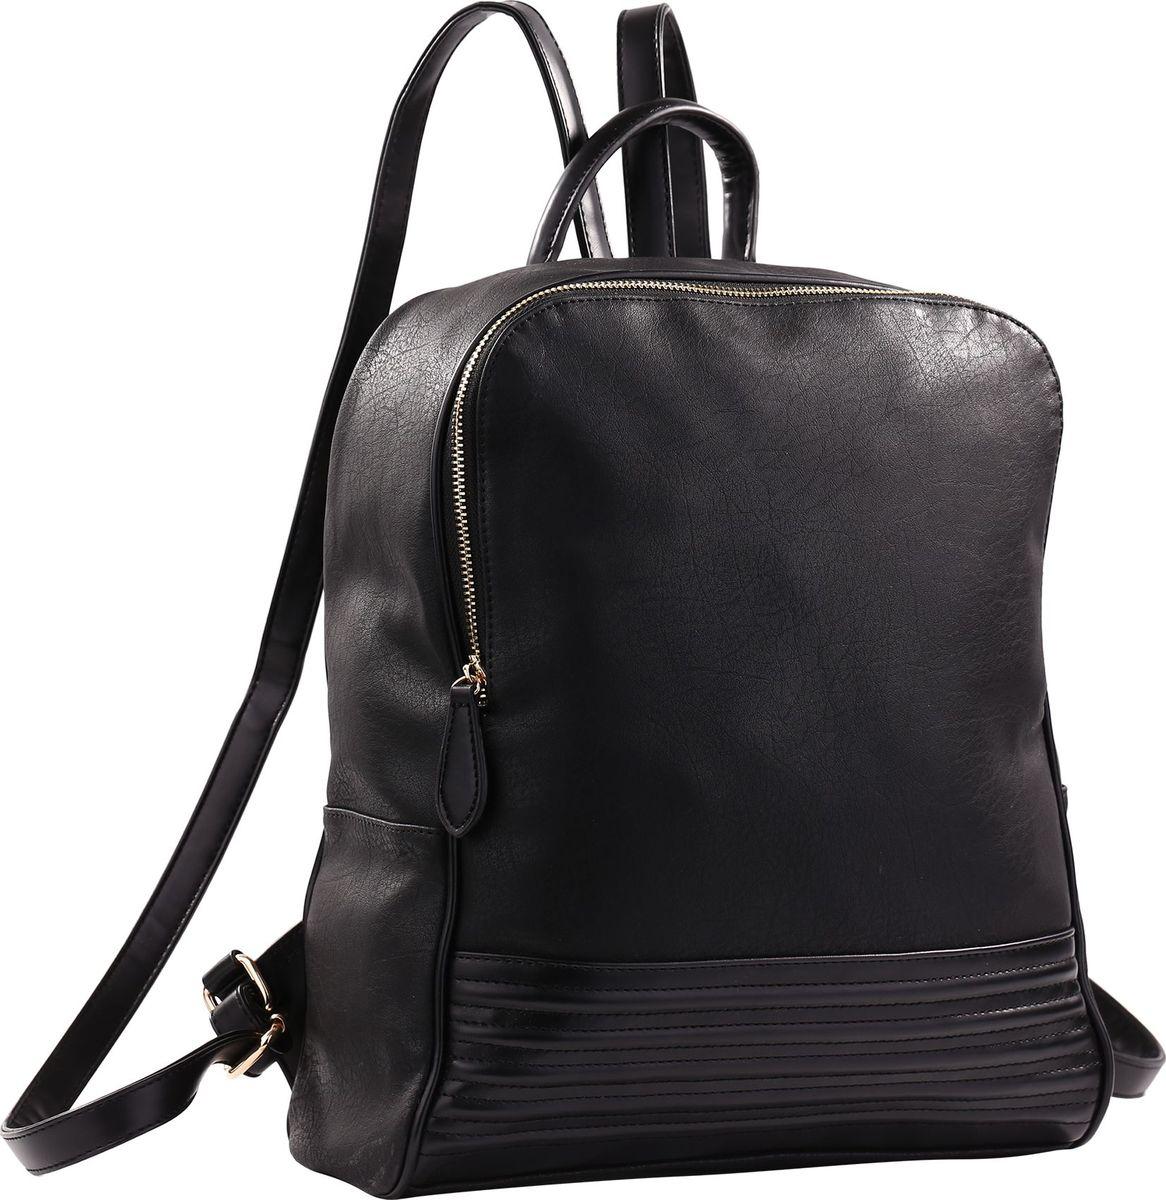 Рюкзак женский Pola, цвет: черный. 78322